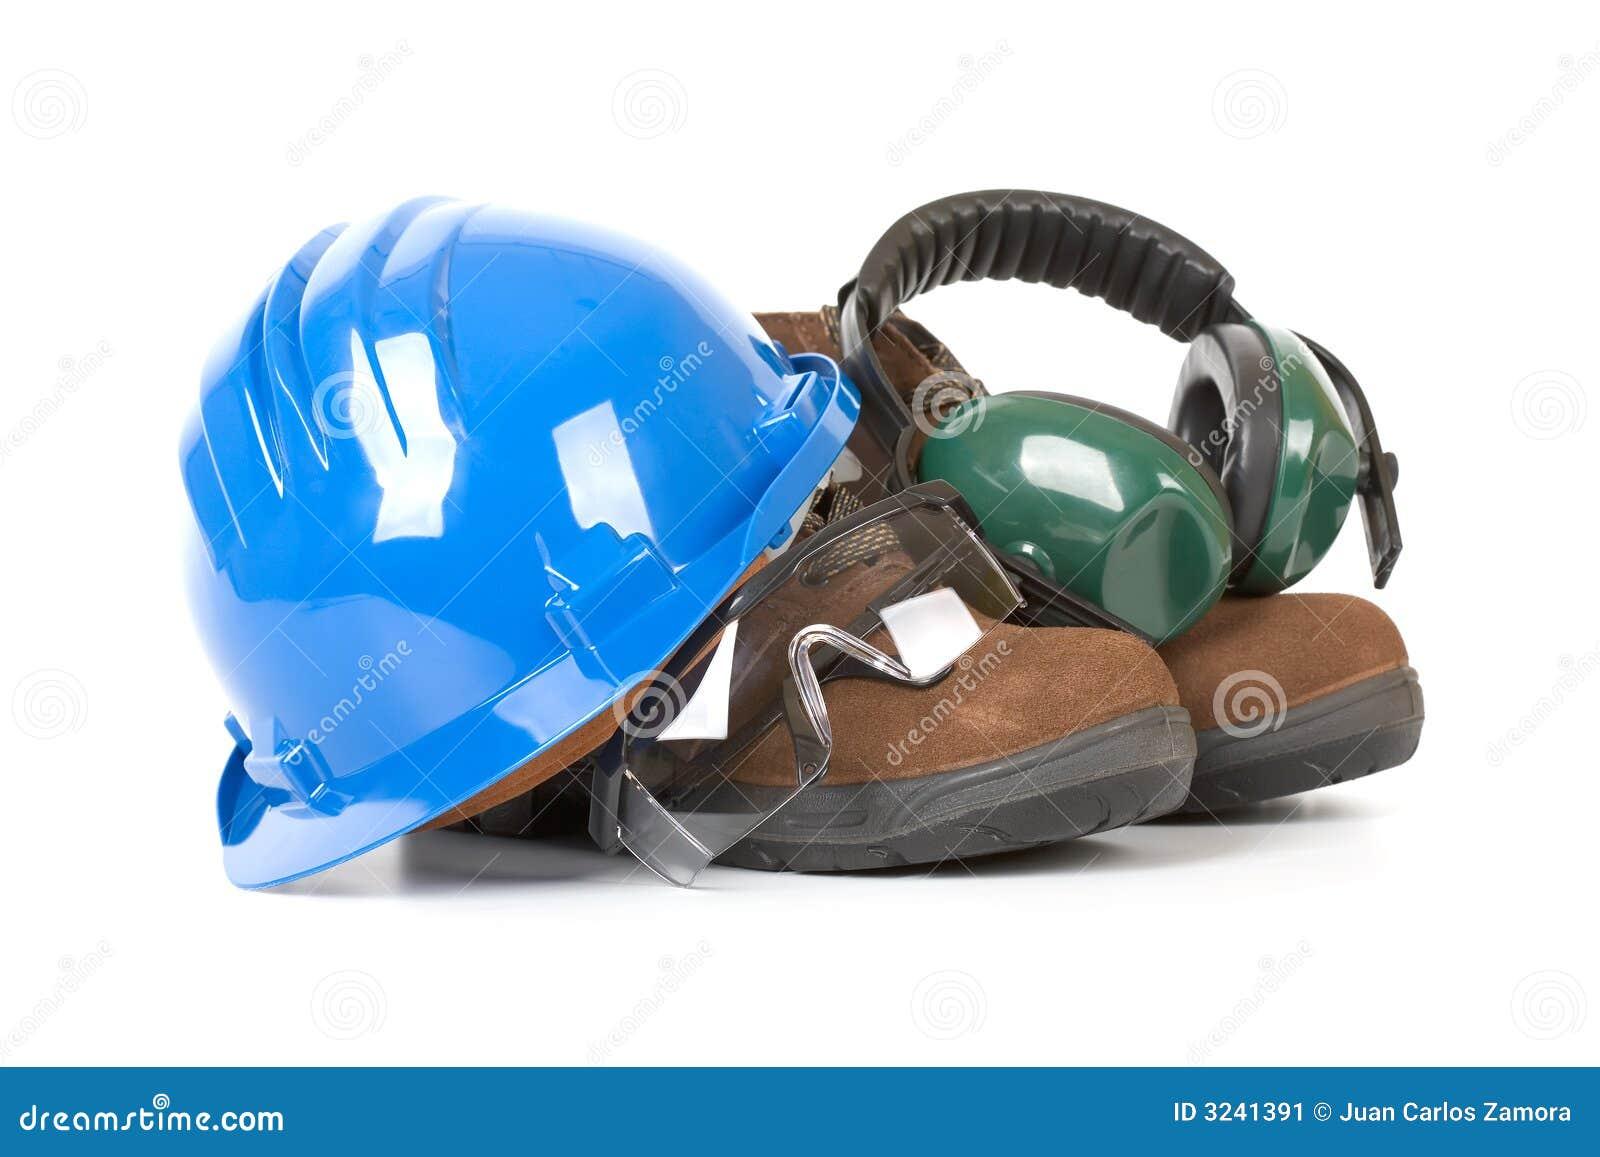 Tecnico segurança de trabalho